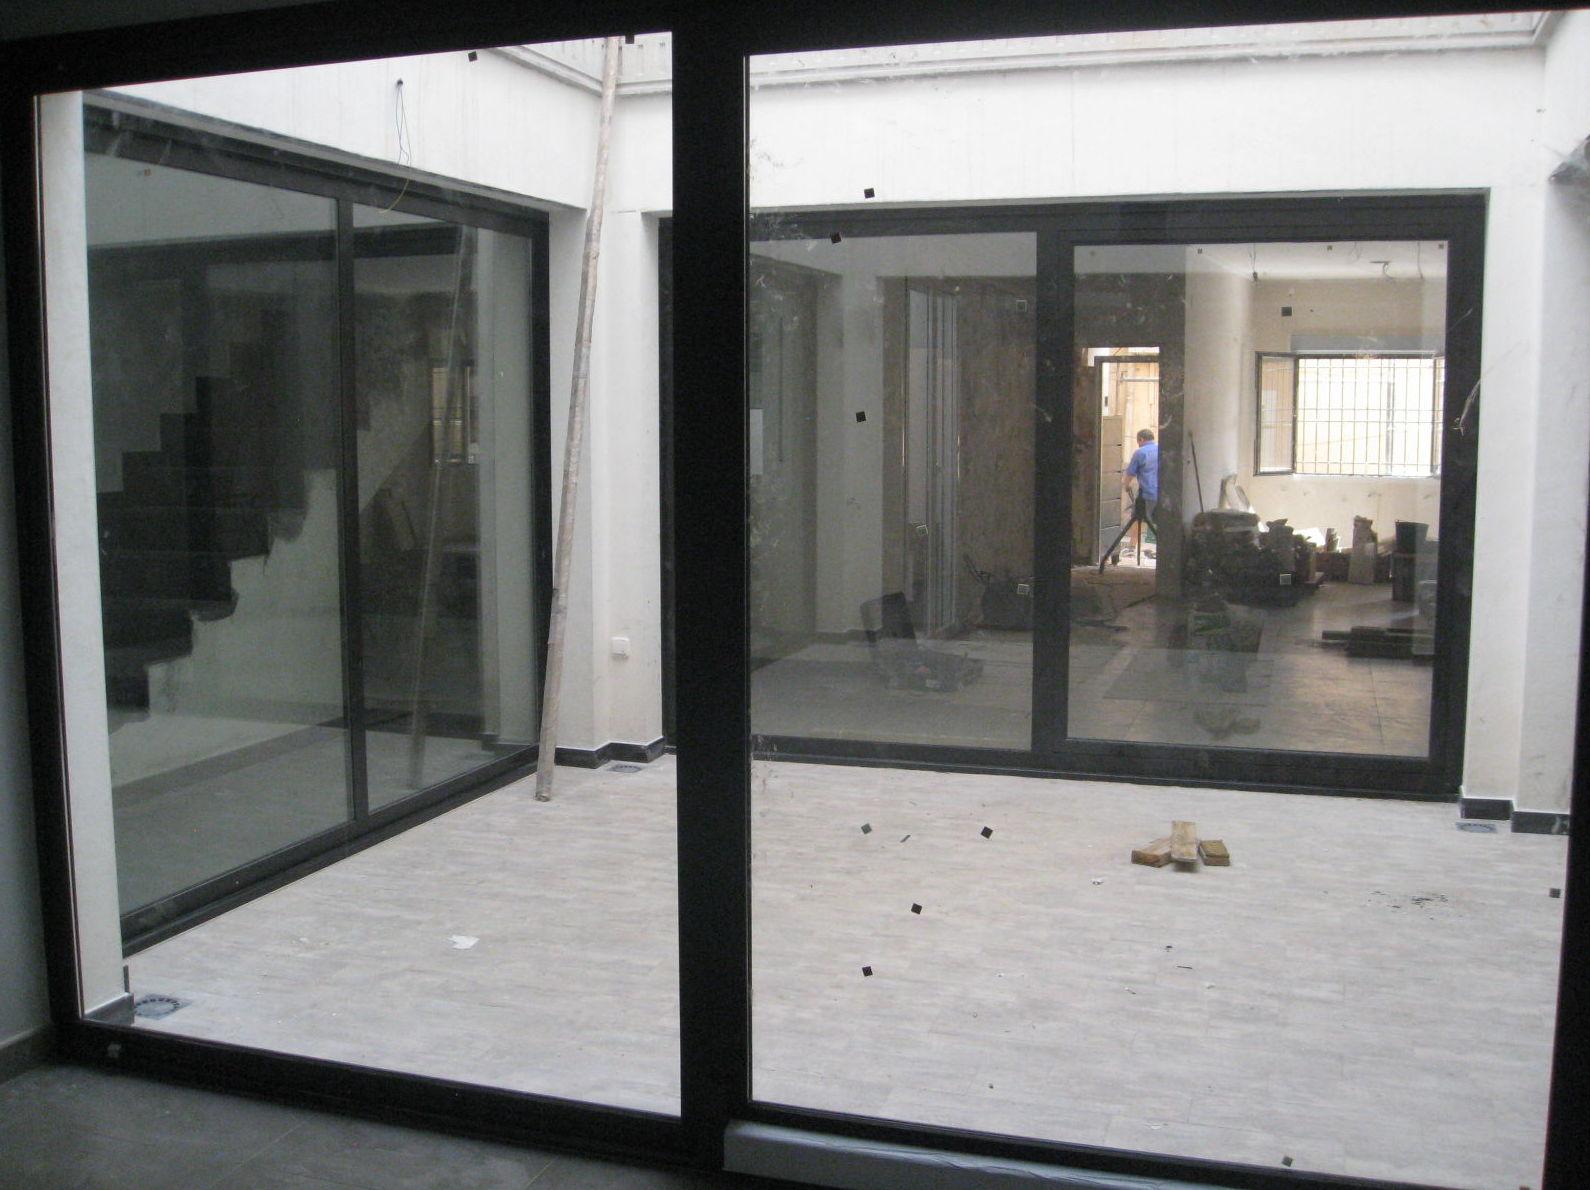 Vista de cerramiento acristalado de un patio interior 2